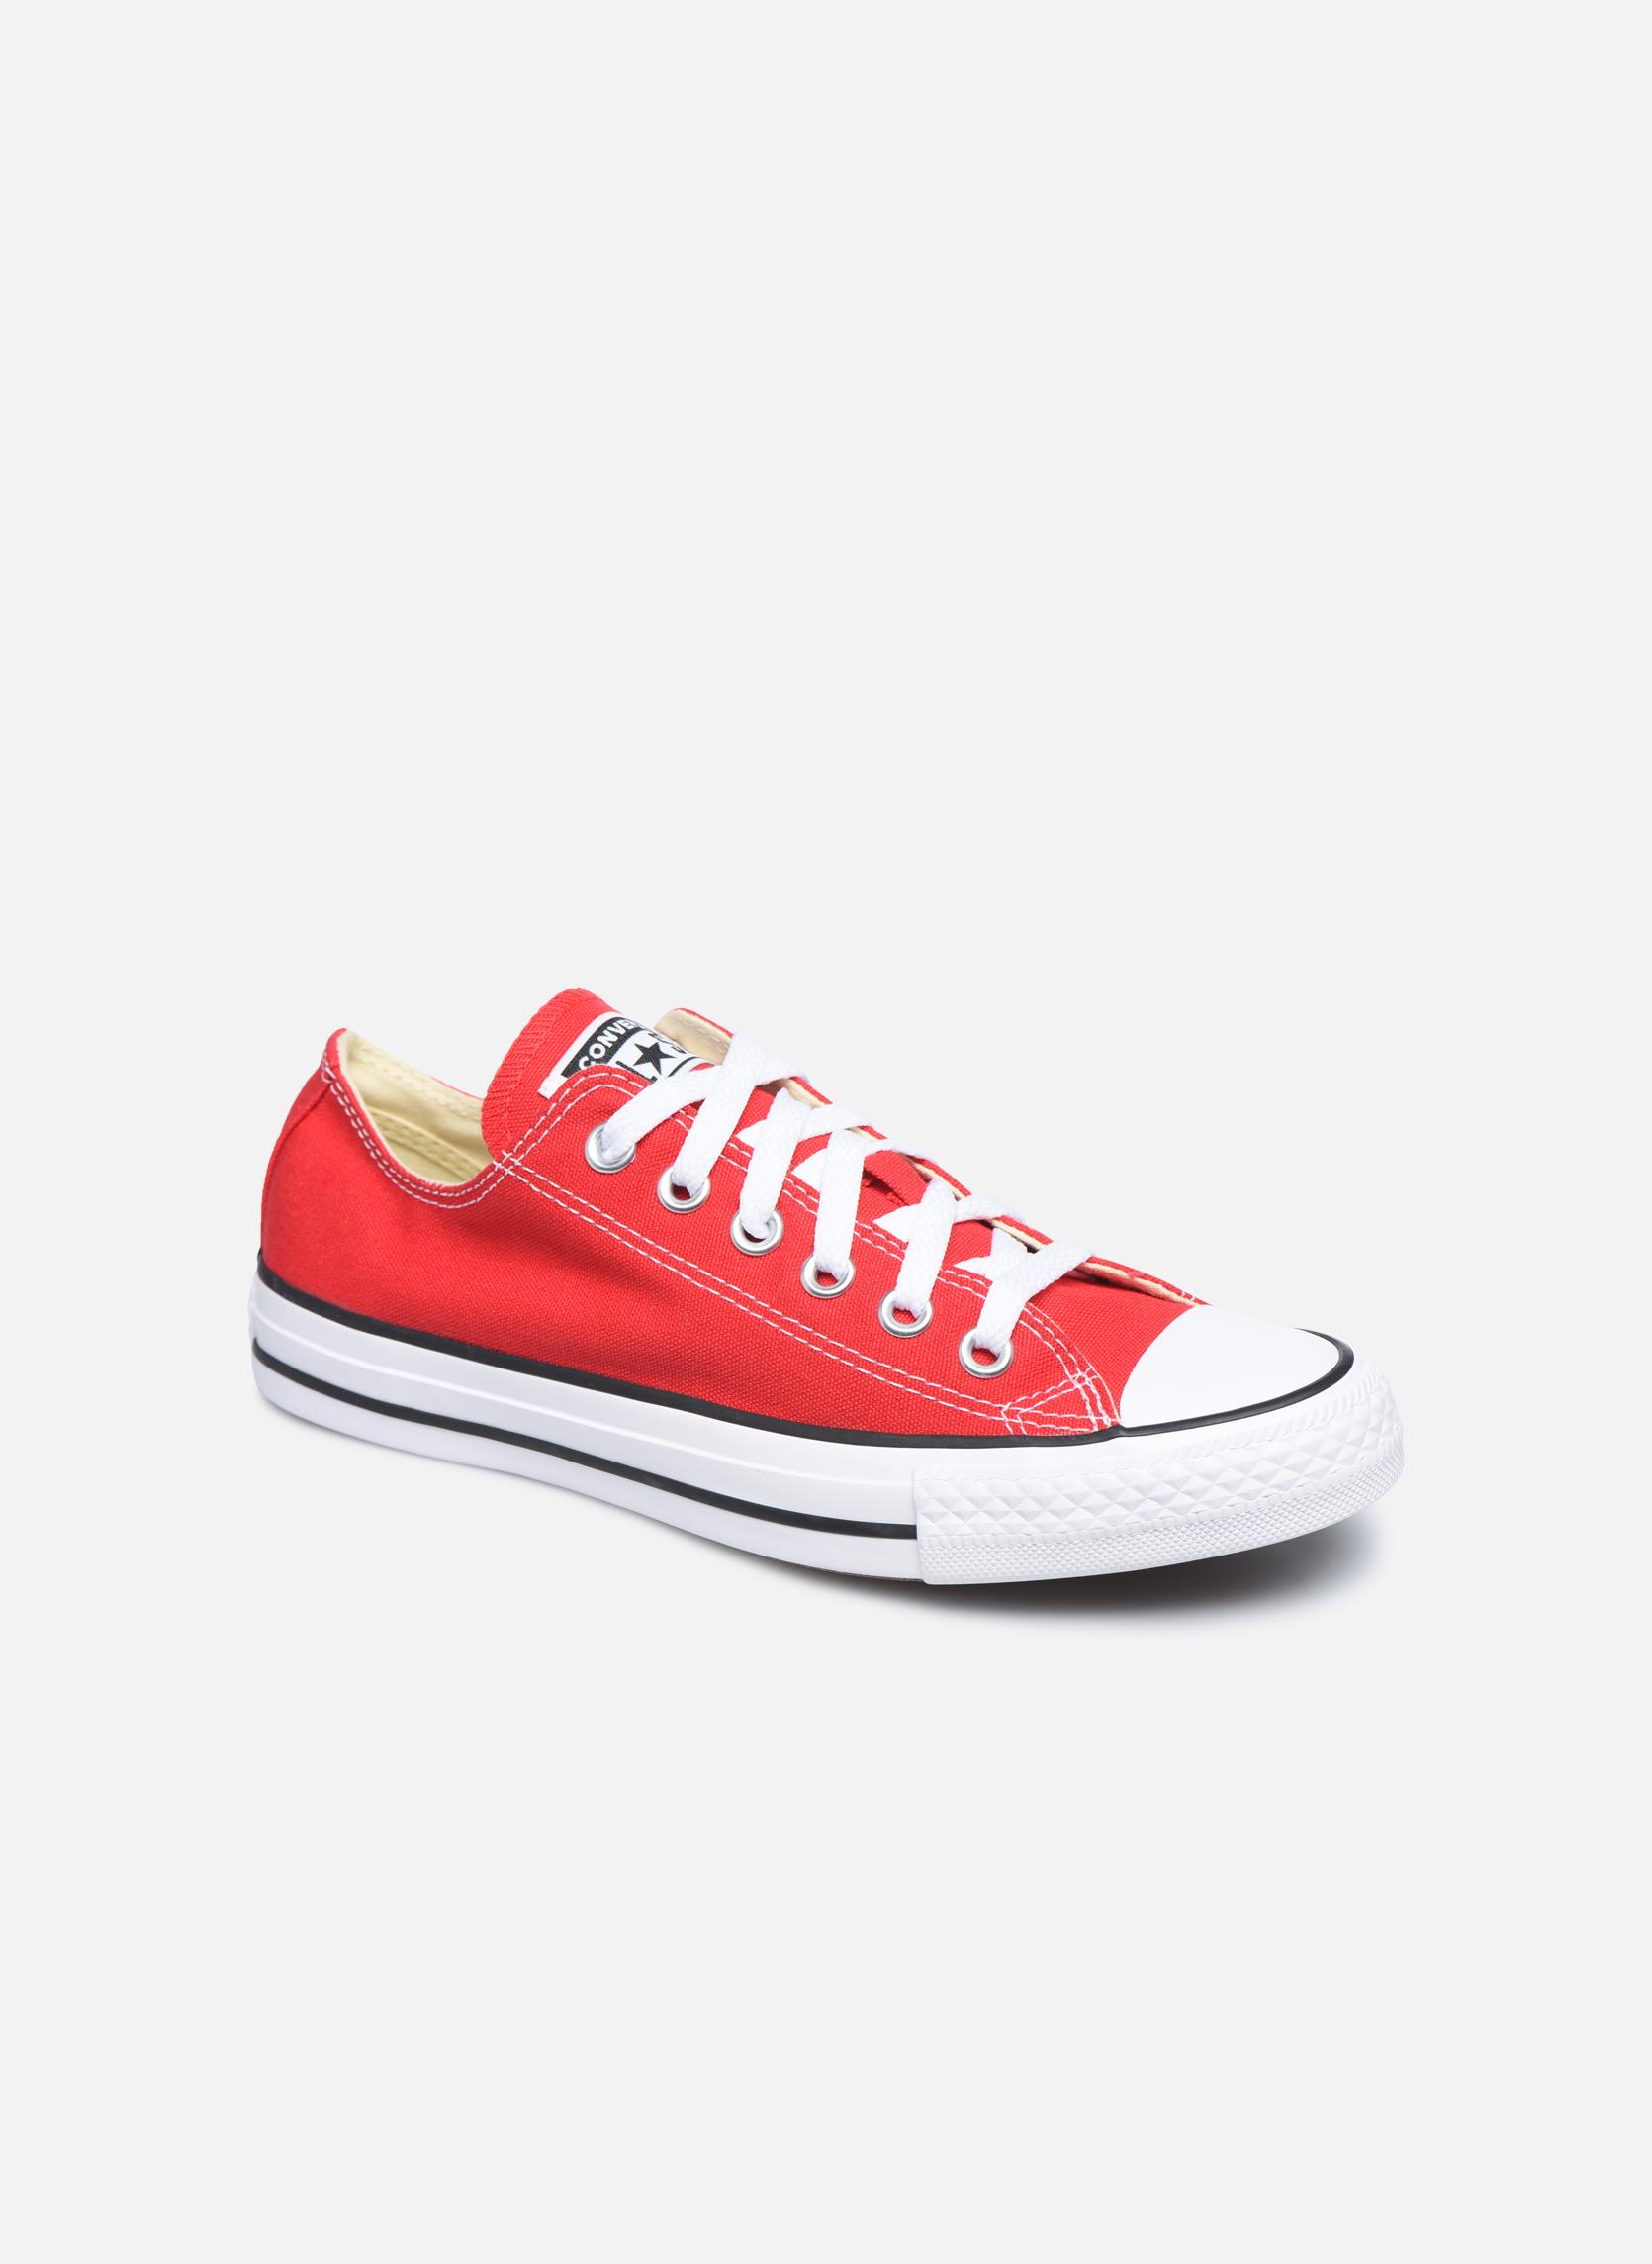 Grandes descuentos últimos zapatos Converse Chuck Taylor All Star Ox W (Rojo) - Deportivas Descuento